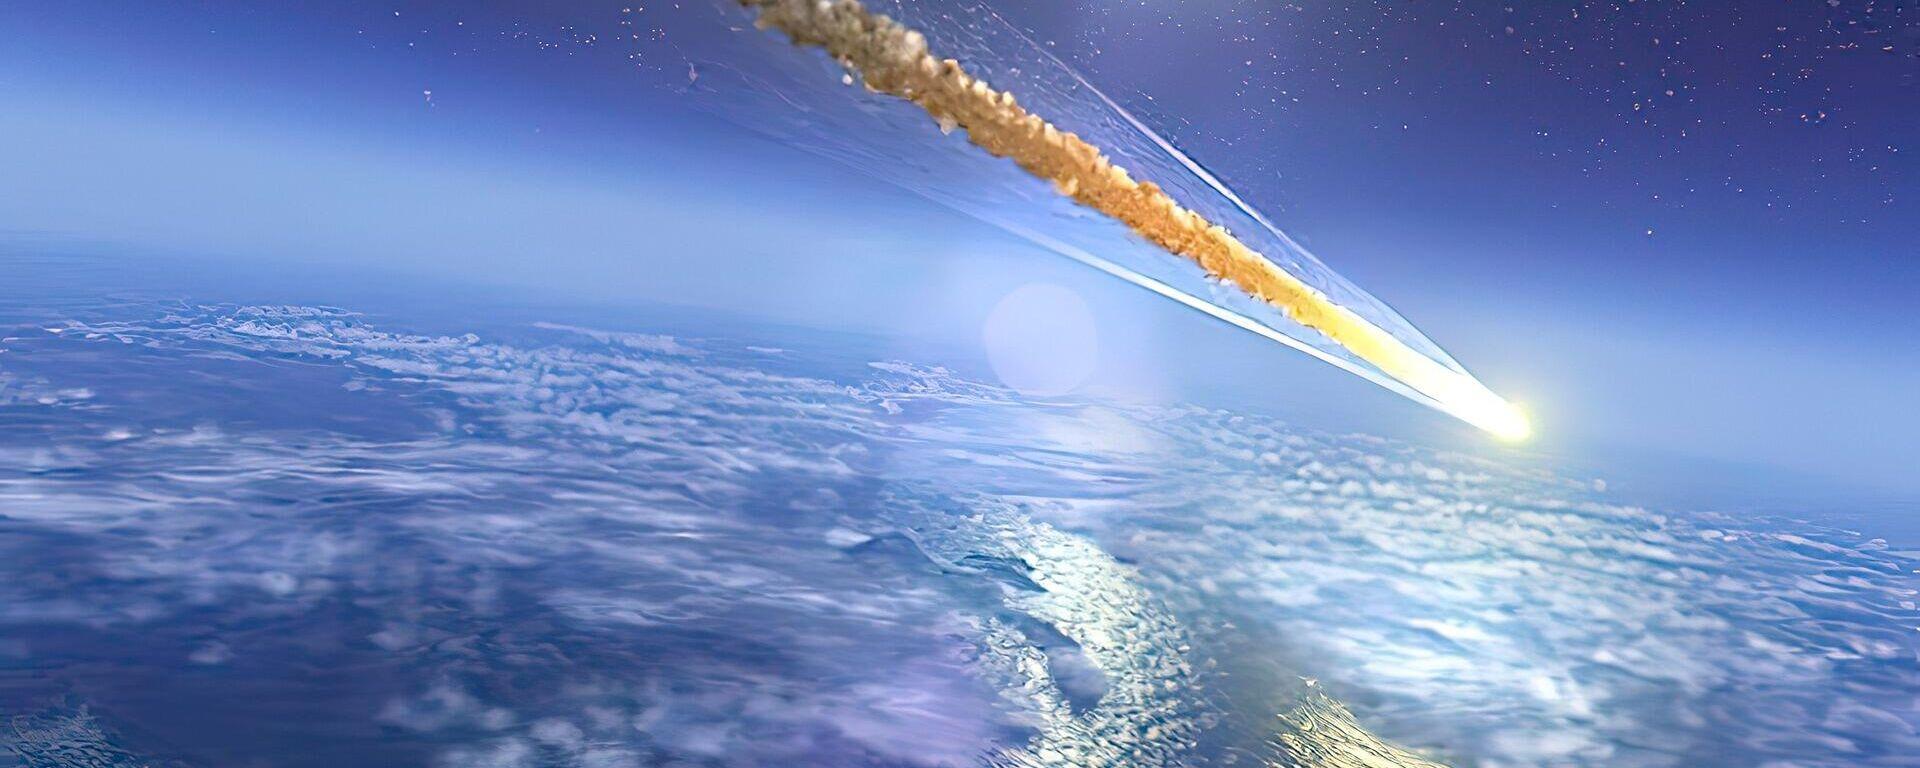 Meteorit (Symbolbild) - SNA, 1920, 20.03.2021